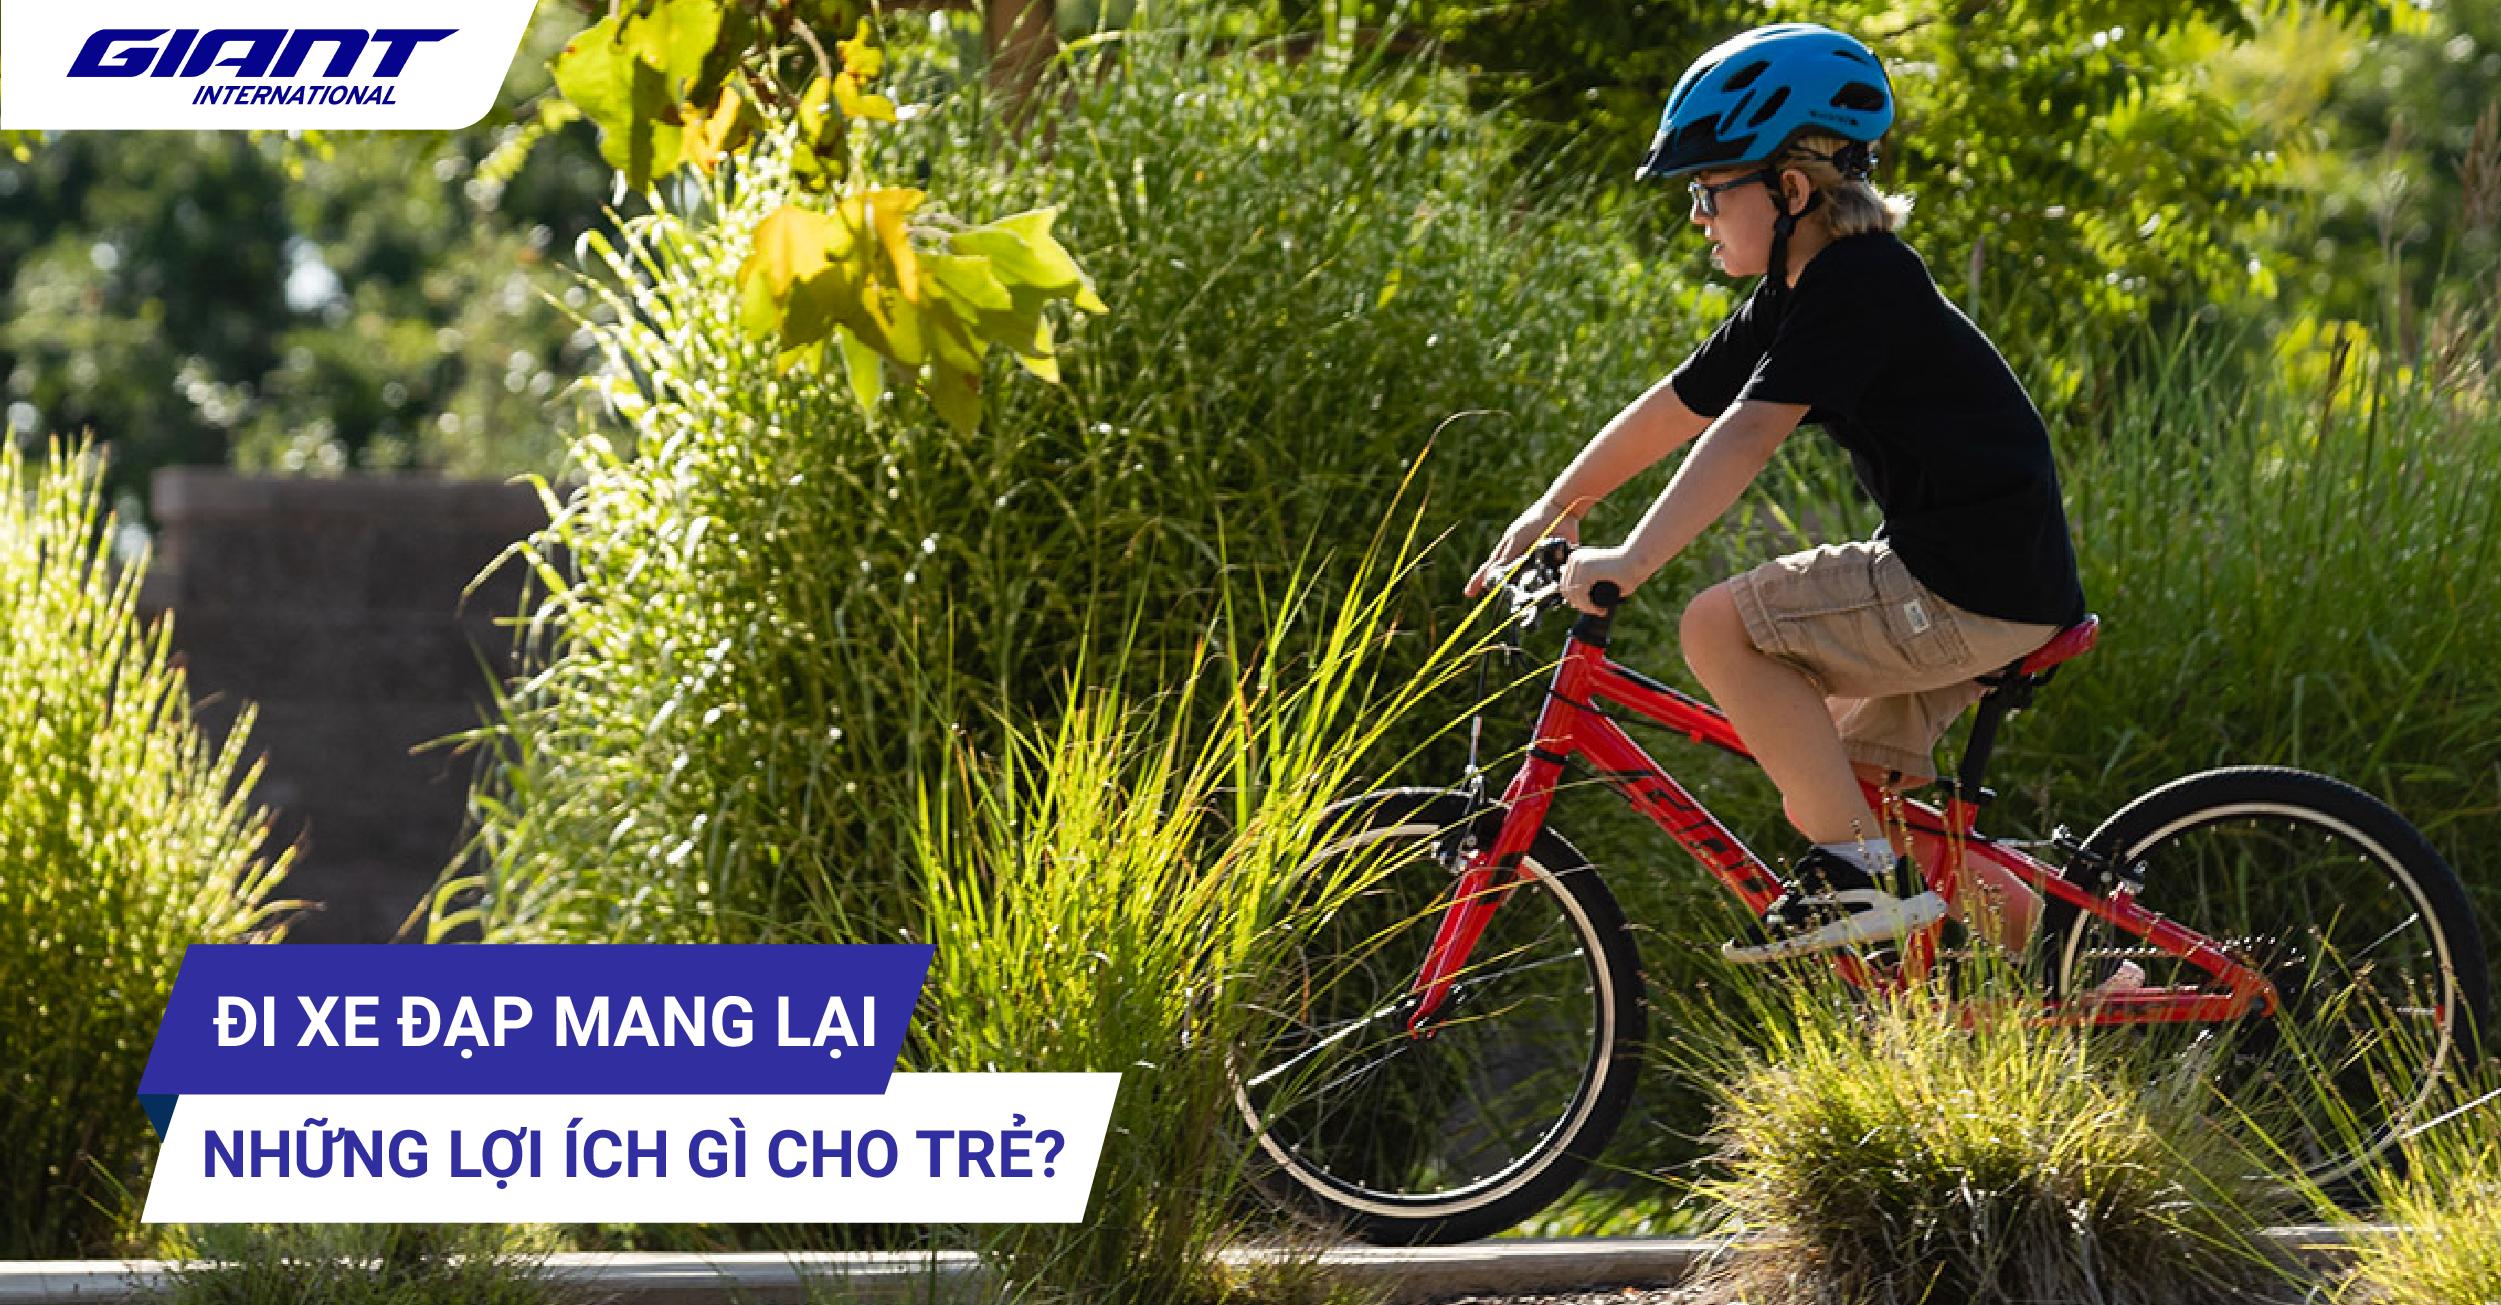 Đi xe đạp mang lại những lợi ích gì cho trẻ